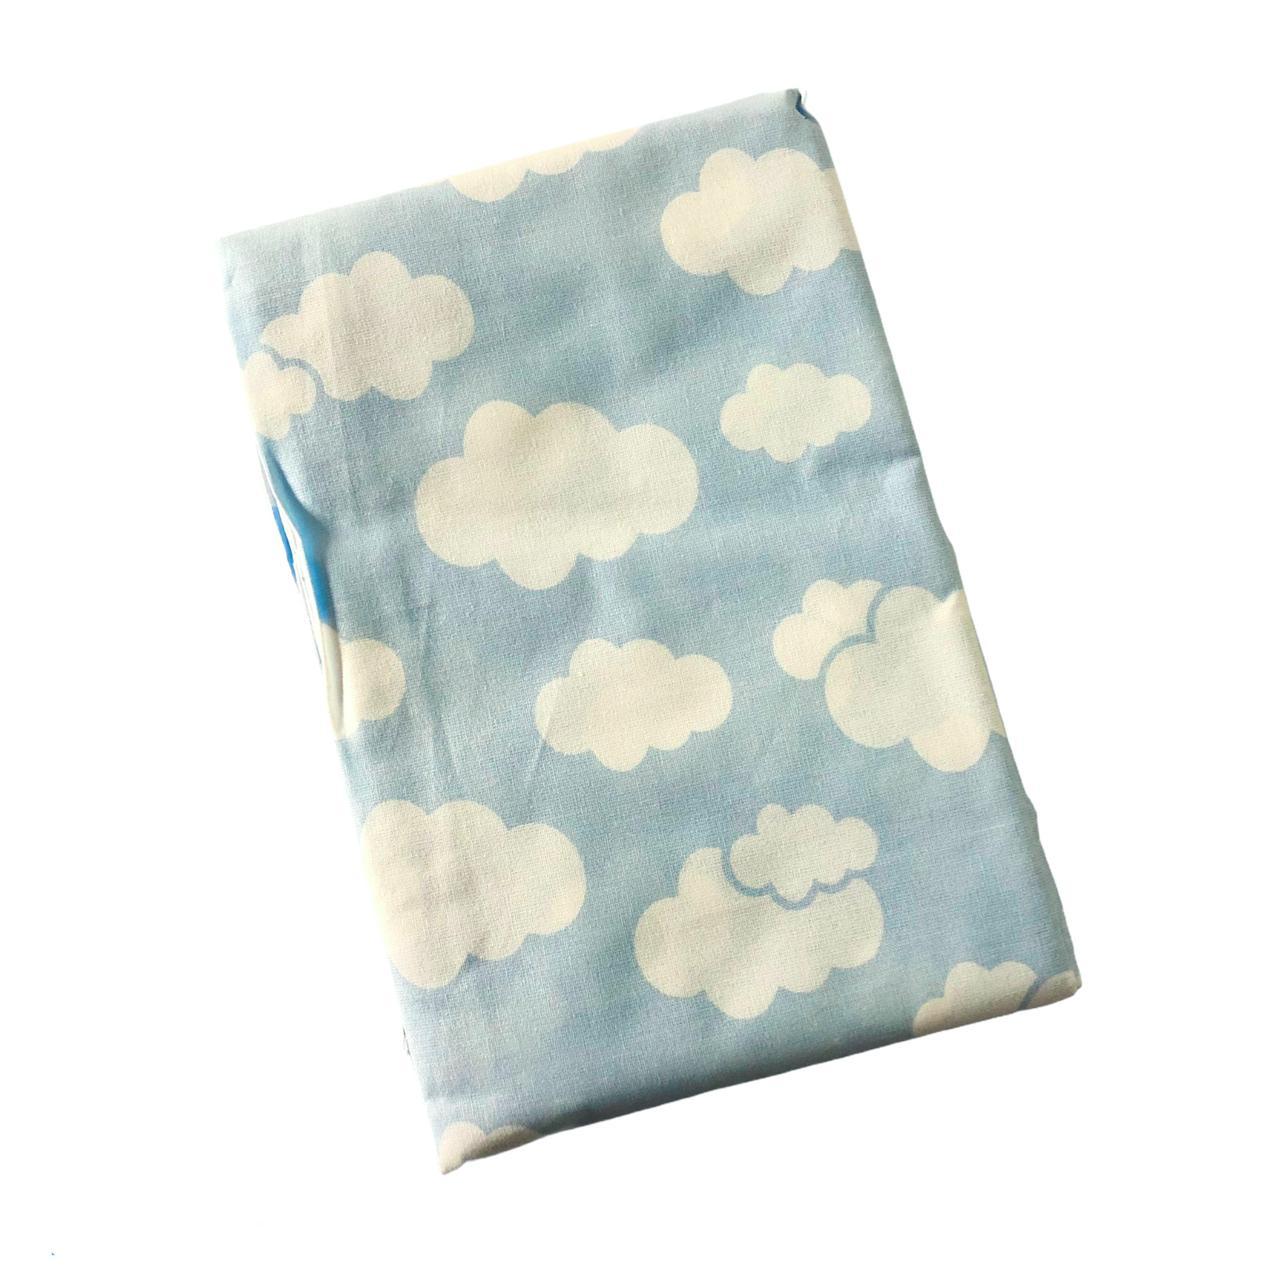 Lençol Berço Americano com Elástico Nuvem Azul Alvinha - Minasrey